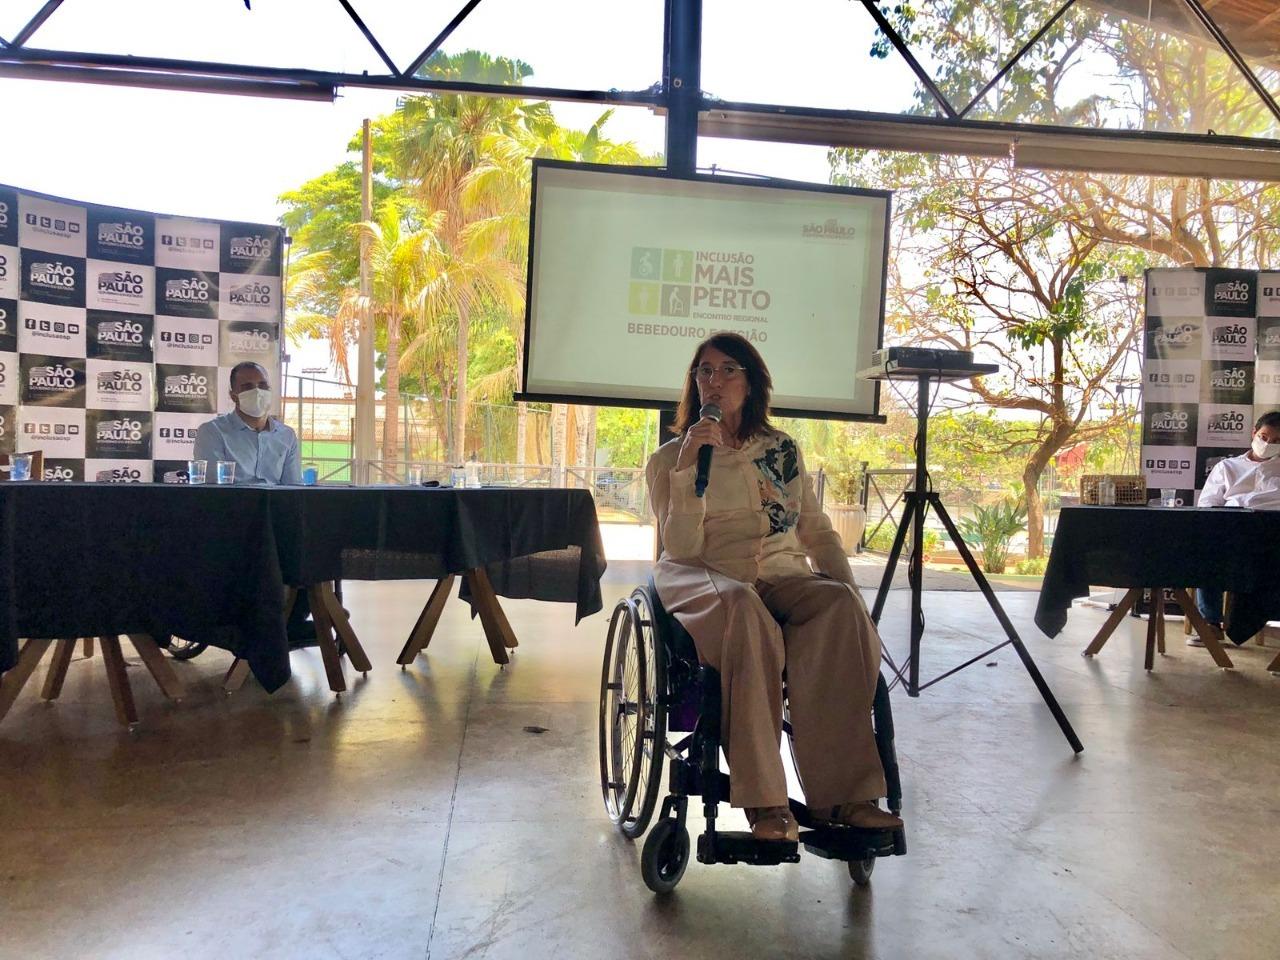 """Bebedouro e região recebem encontro regional """"Inclusão Mais Perto"""" para debate de políticas públicas às pessoas com deficiência"""